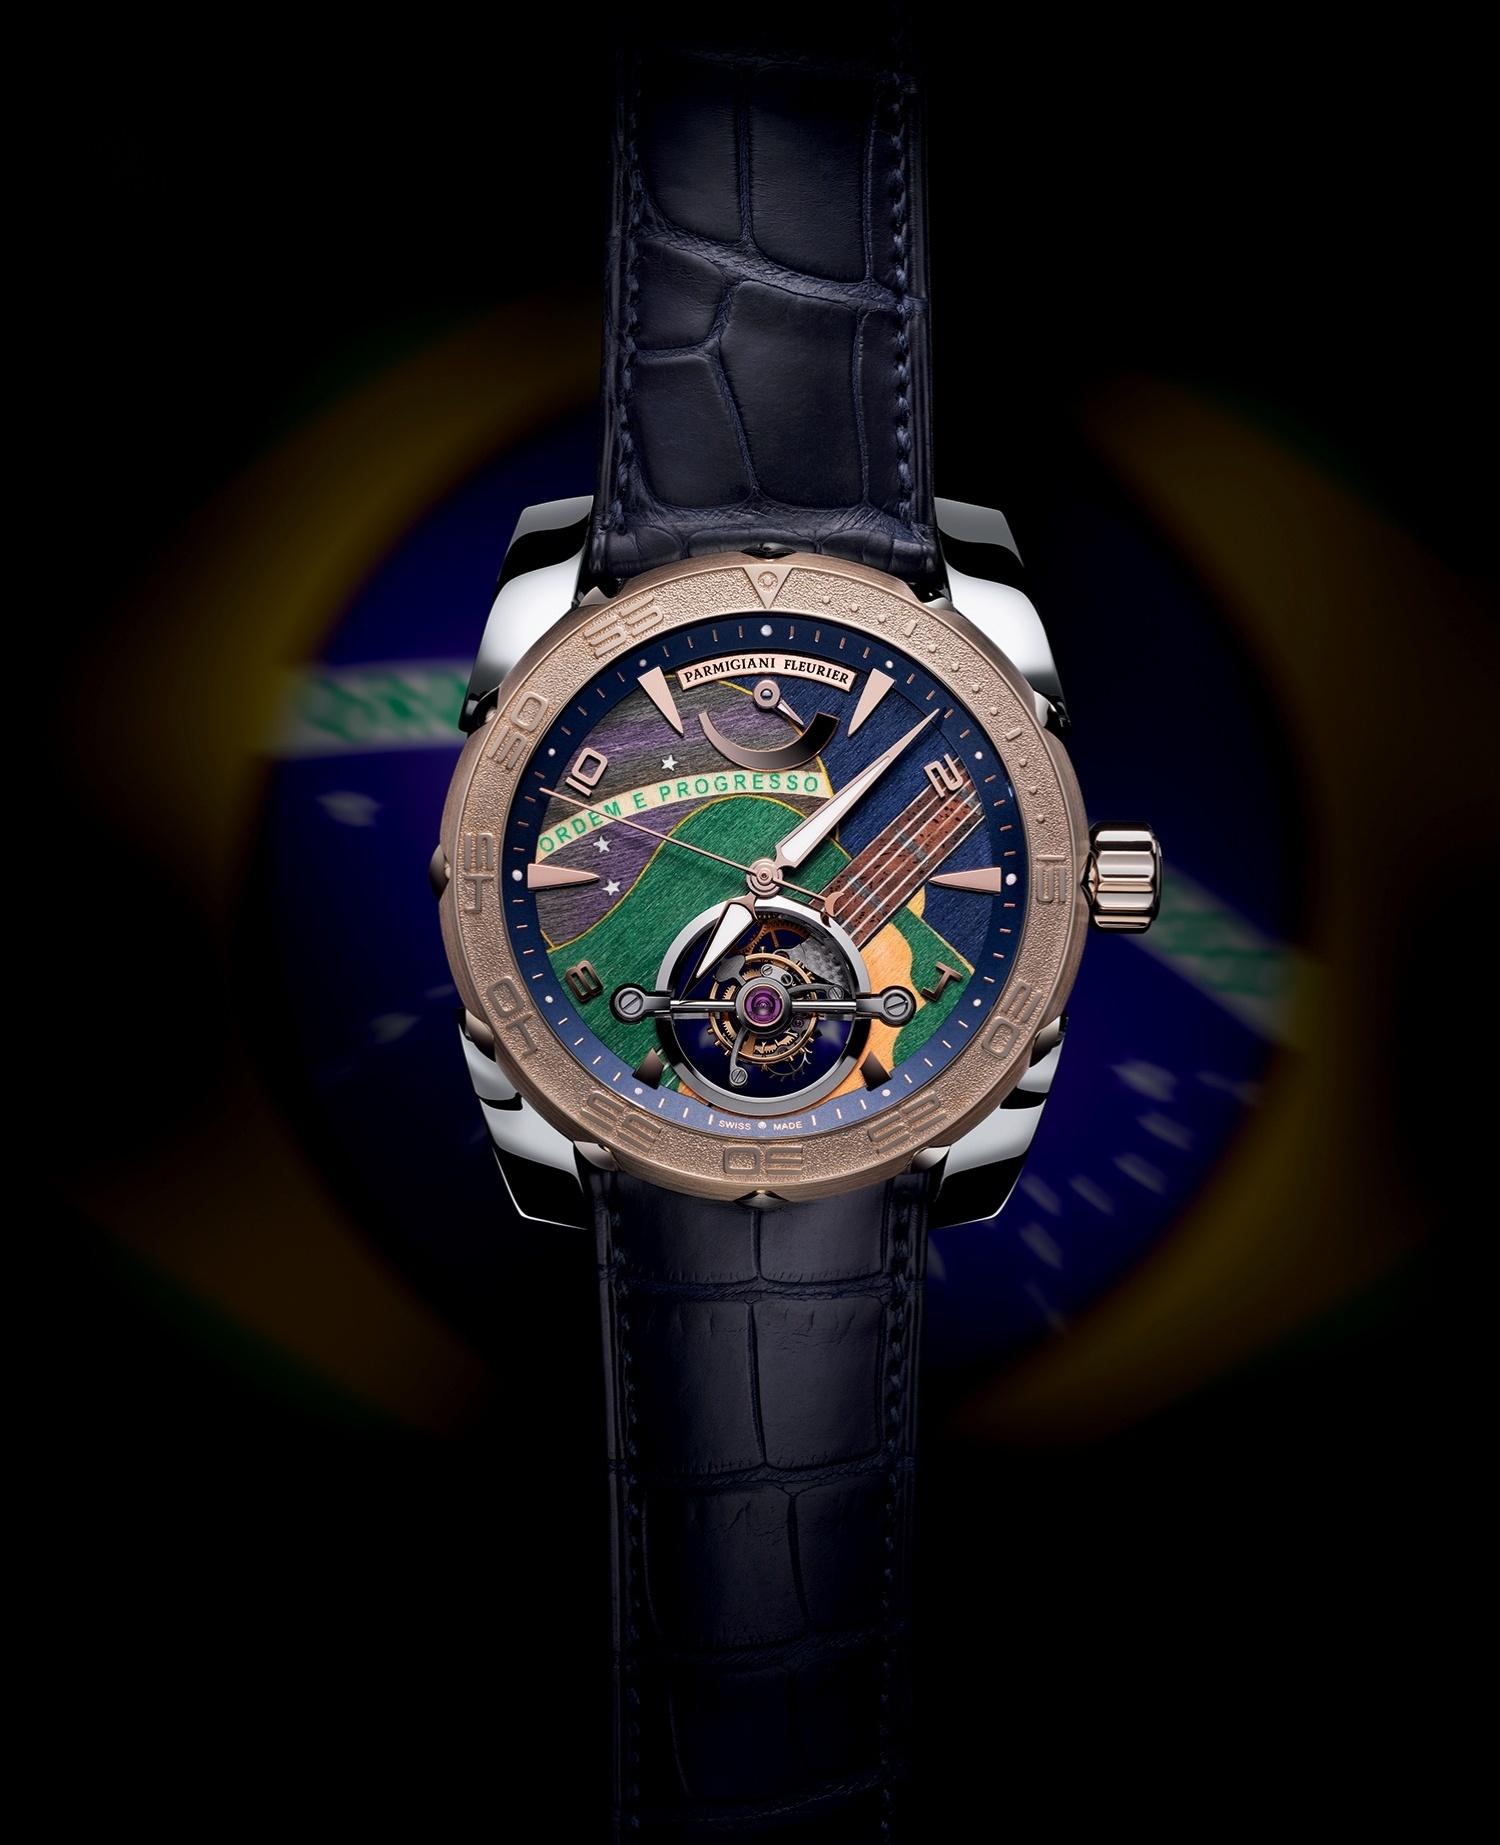 ca3ca4c262c Relojoaria suíça assina relógio de luxo com cores do Brasil - 14 09 2013 -  UOL Universa